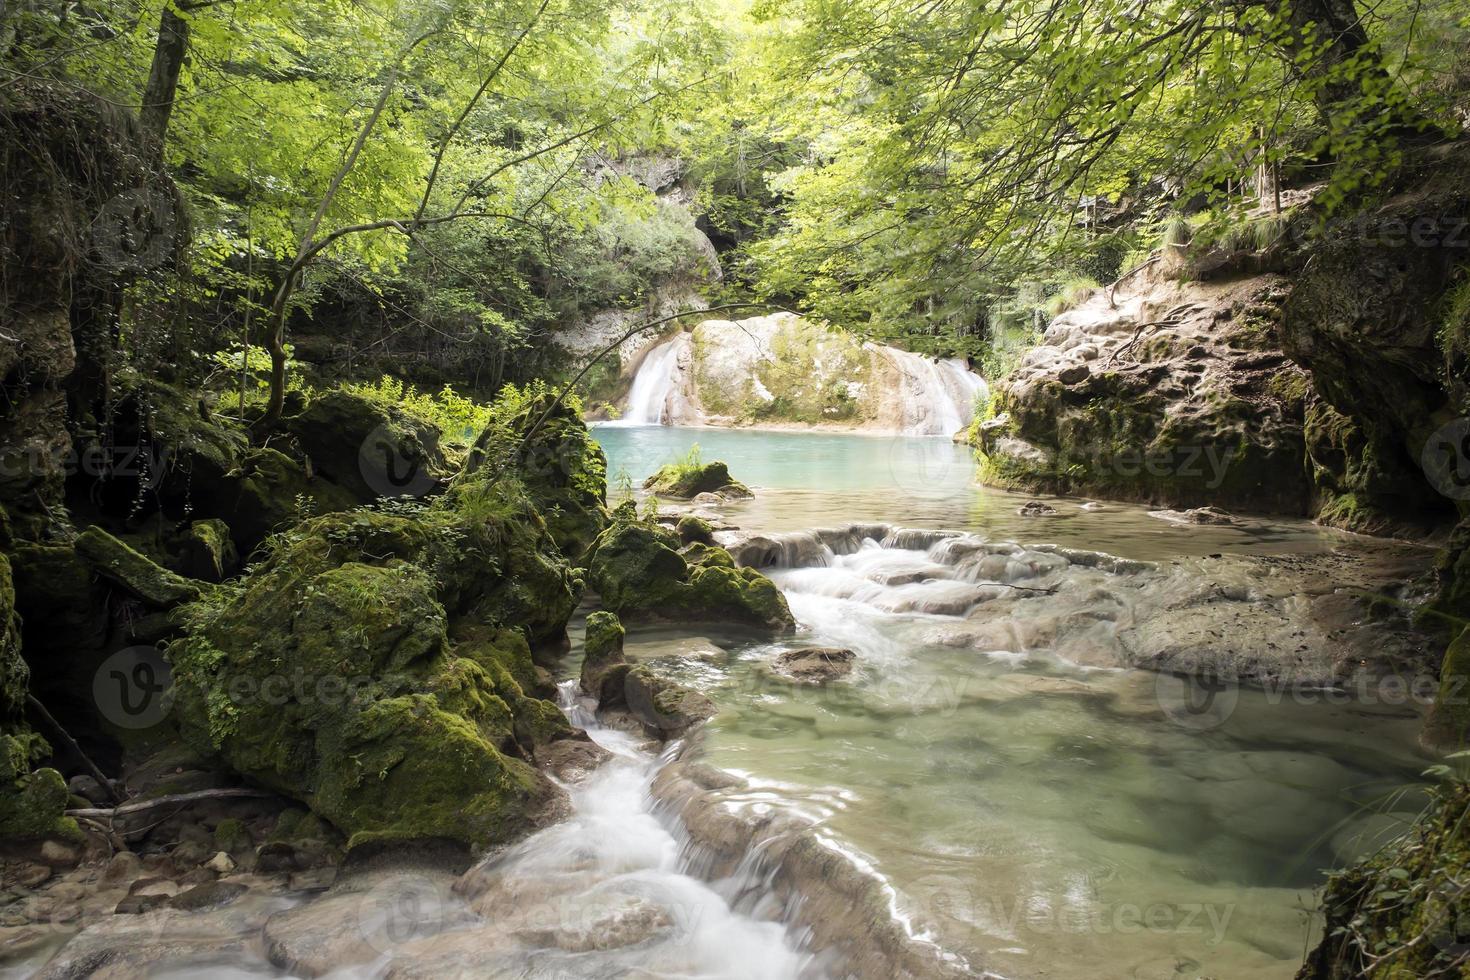 rio urredera - navarra, espanha foto